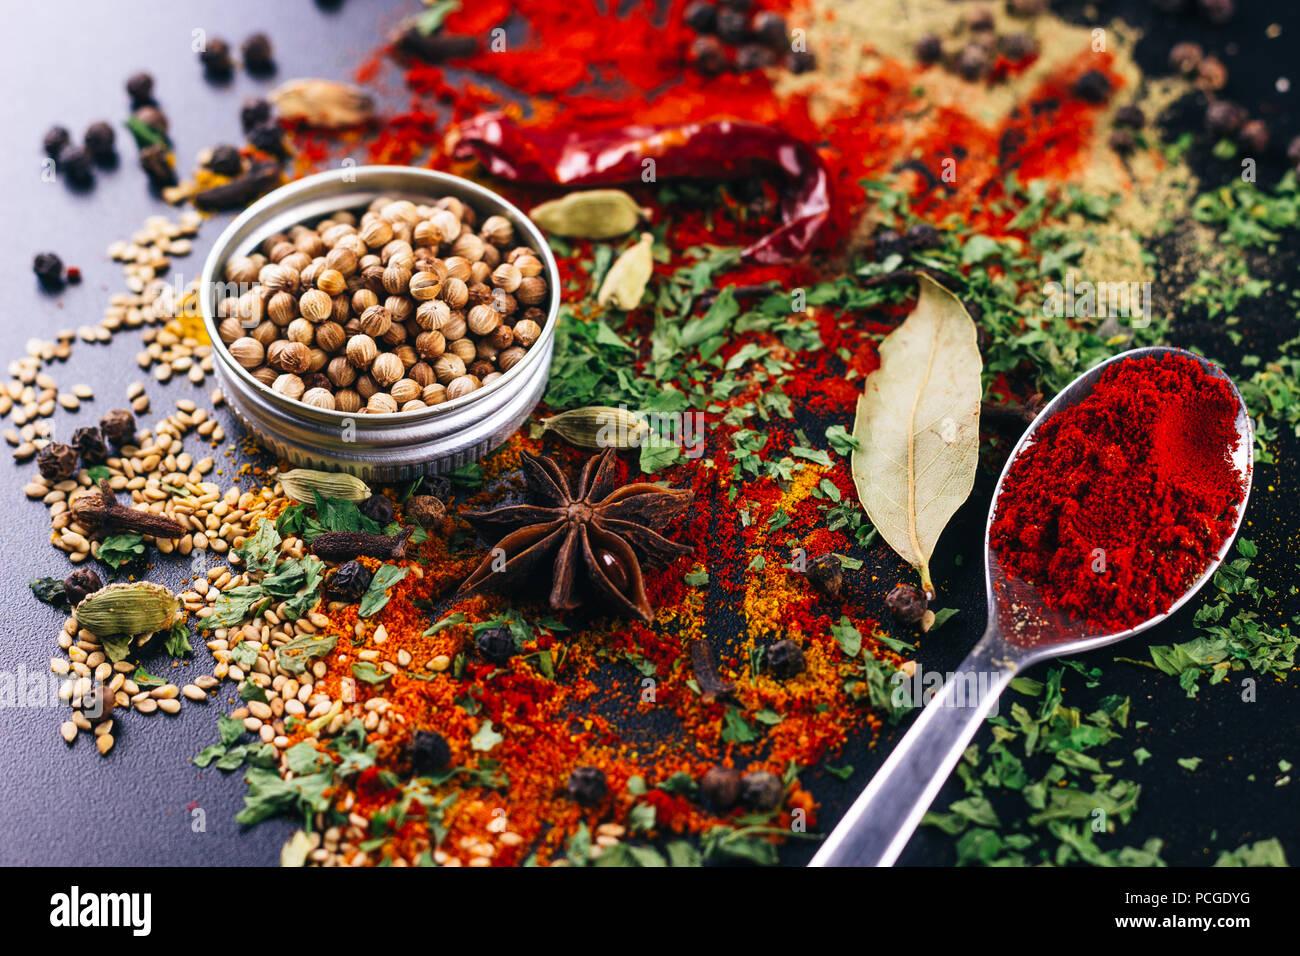 Catastrophe d'épices et de condiments pour la cuisine, sur un tableau sombre, concept de restaurant Photo Stock